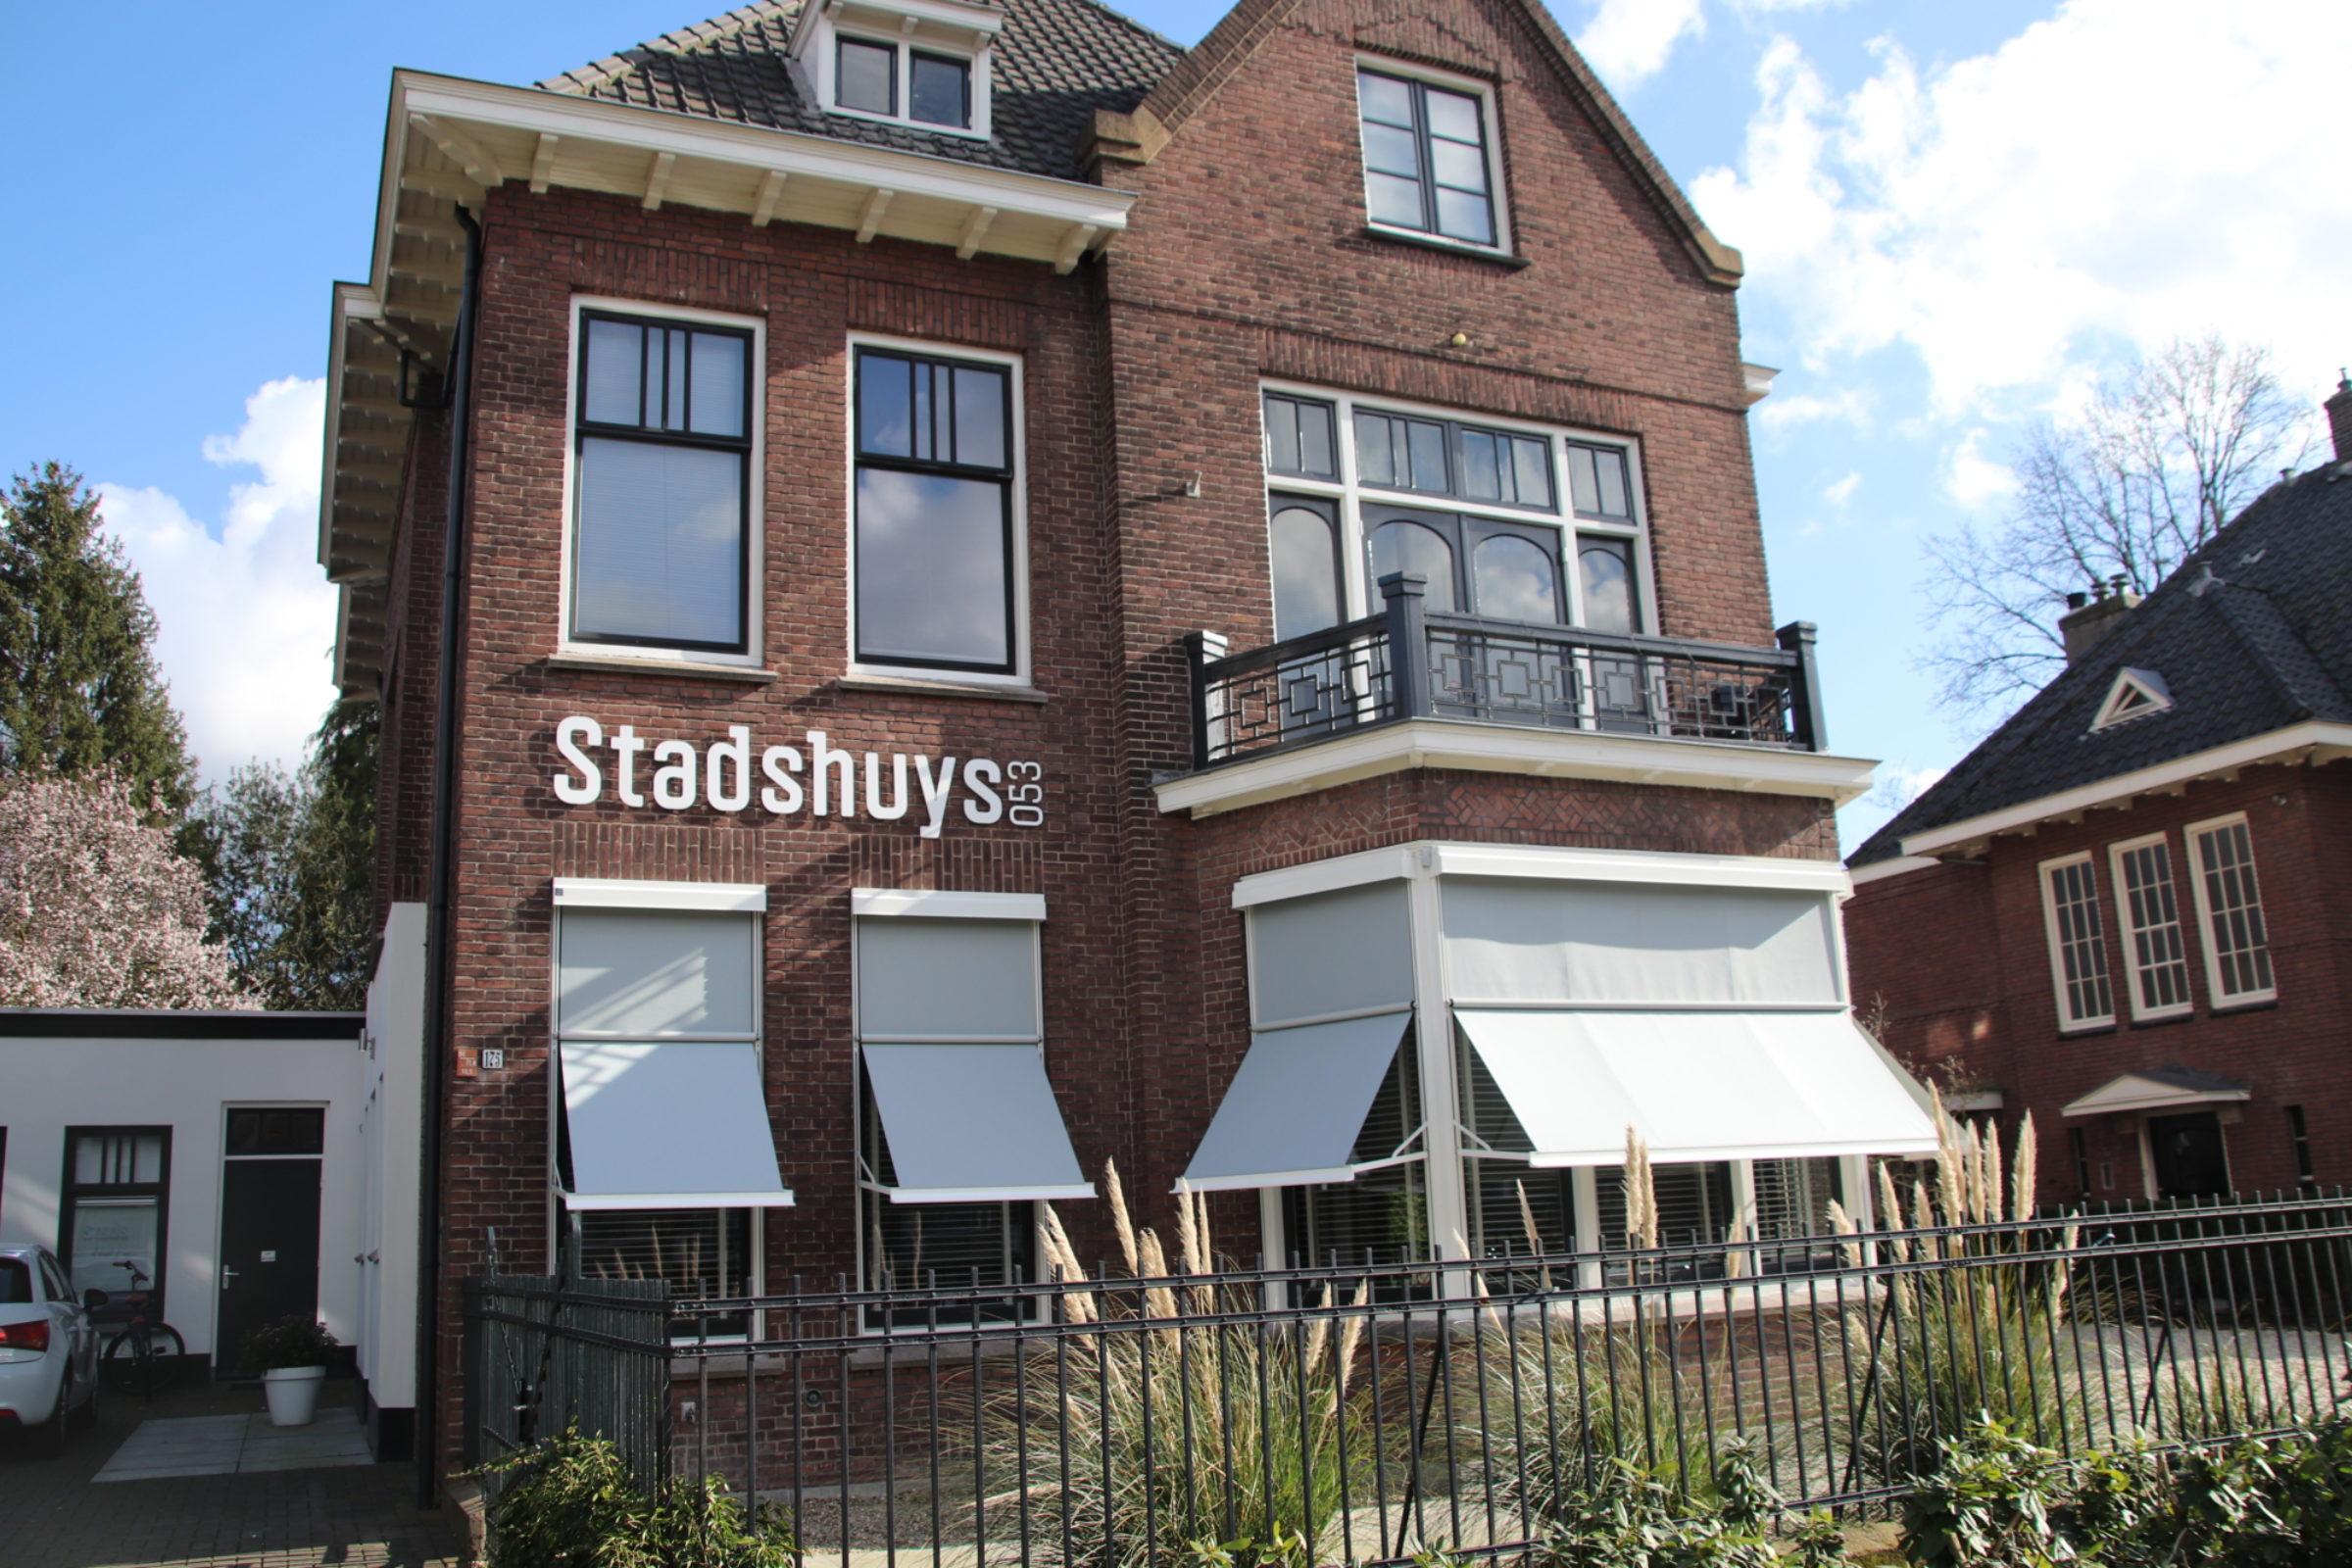 Stadshuys053 Enschede 3